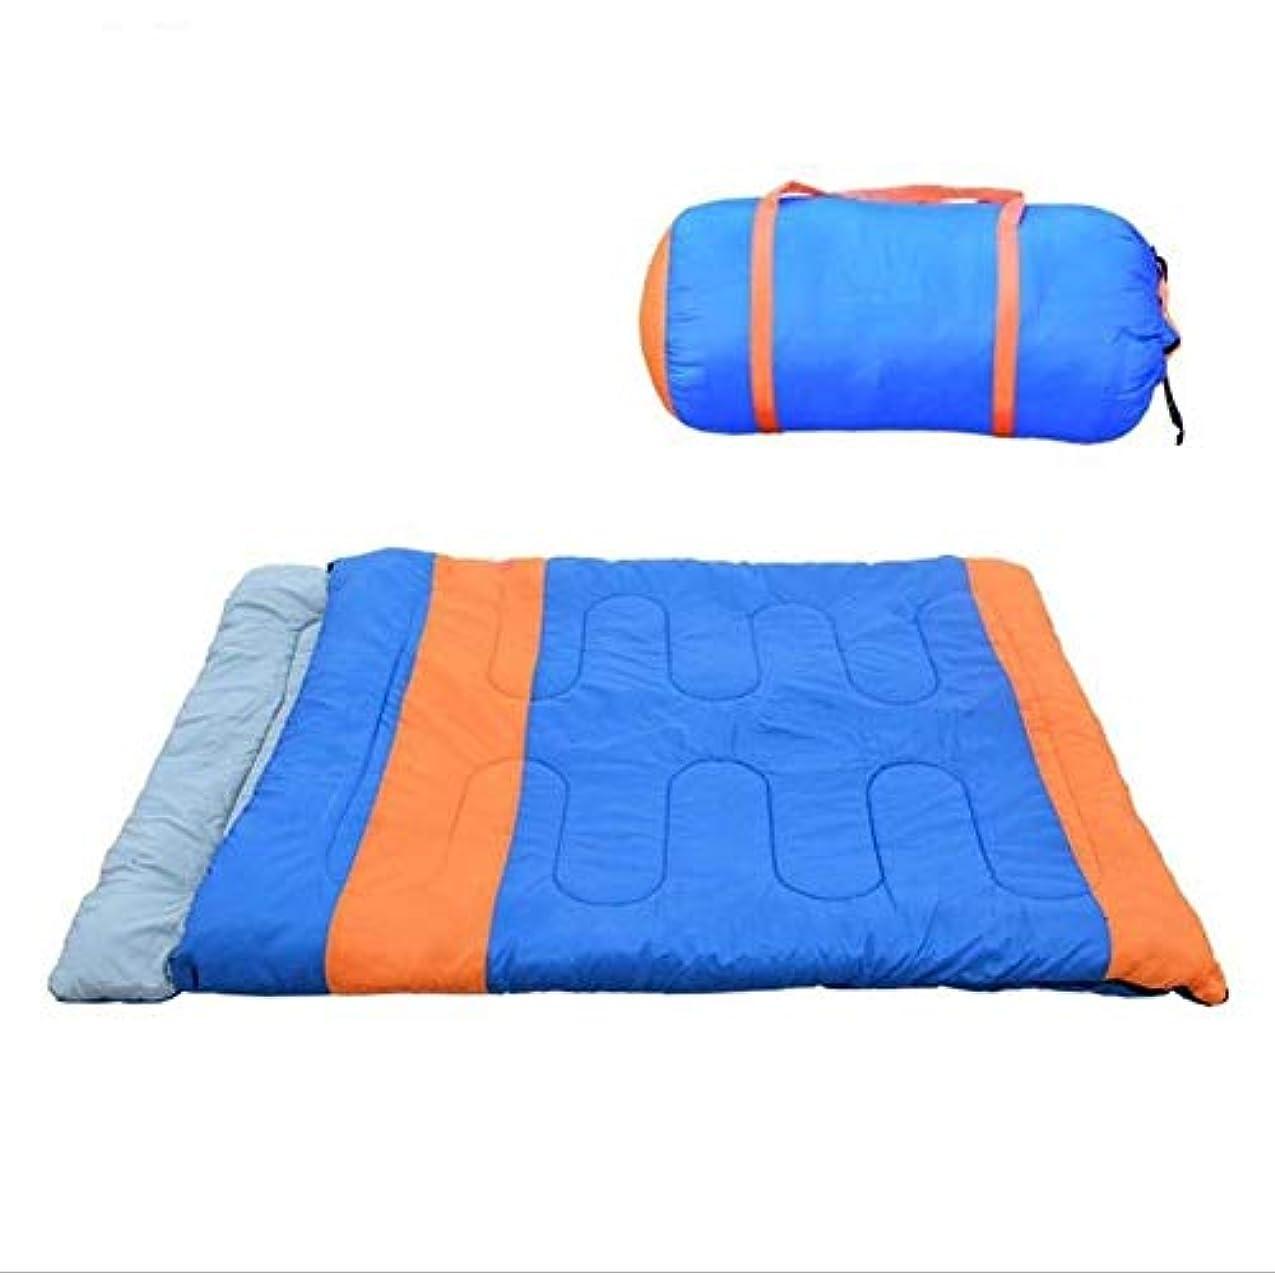 物質添加剤主張MGIZLJJ 軽量の寝袋大人のための寝袋2つのキャンプ枕、防水軽量の2人の大人のための寝袋、バックパッキング、ハイキング、ボーナスキャリングバッグ